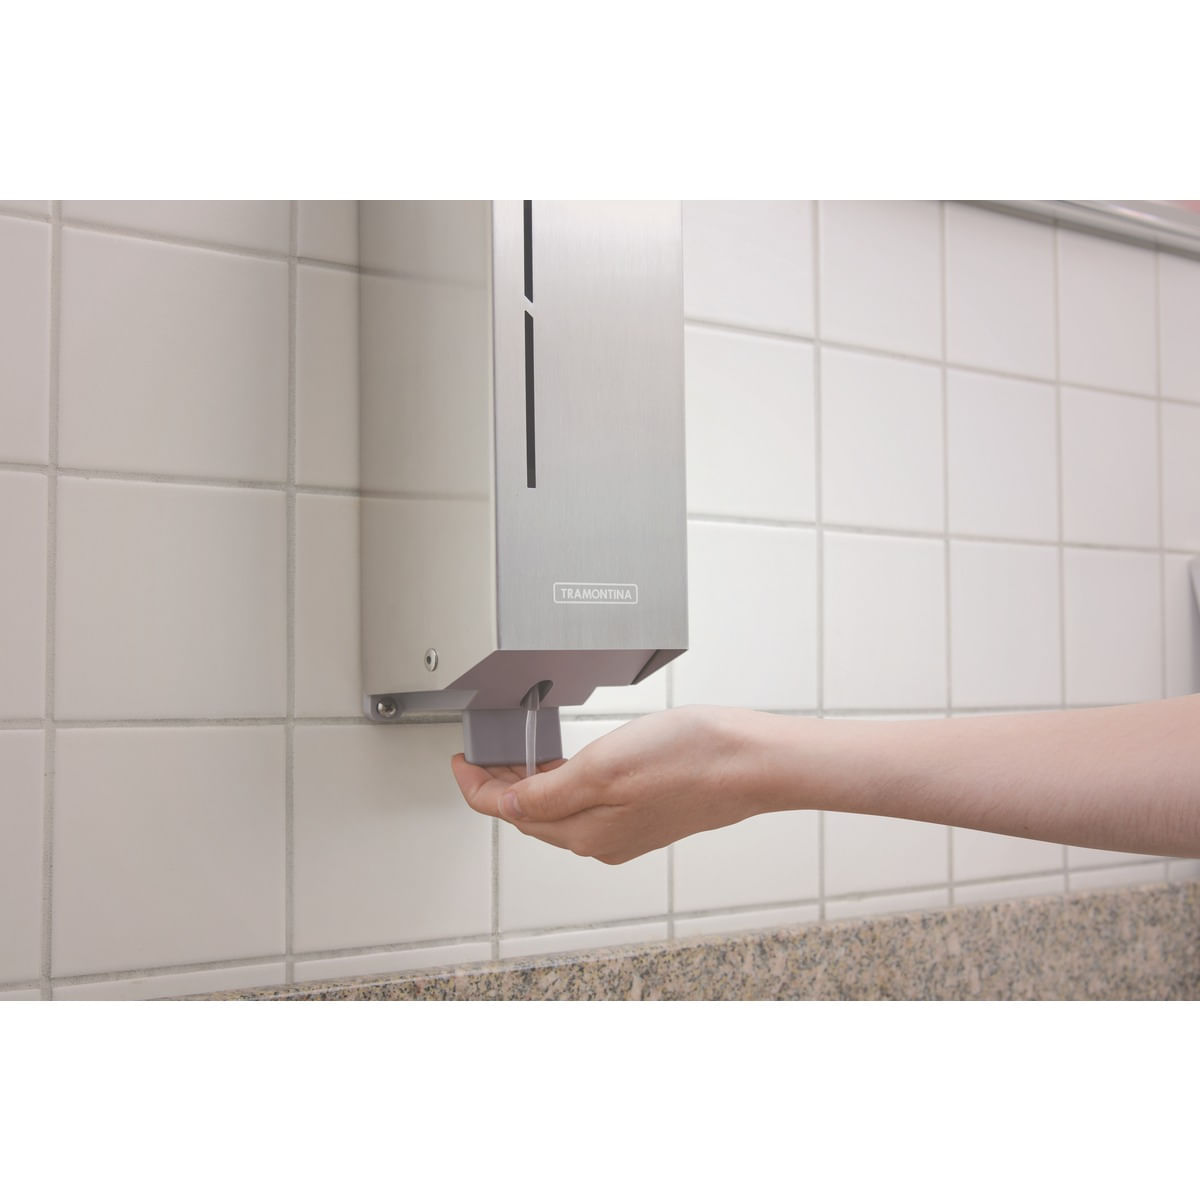 Dispenser para Sabão Líquido Tramontina em Aço Inox com Acabamento Scotch Brite e Recipiente em ABS